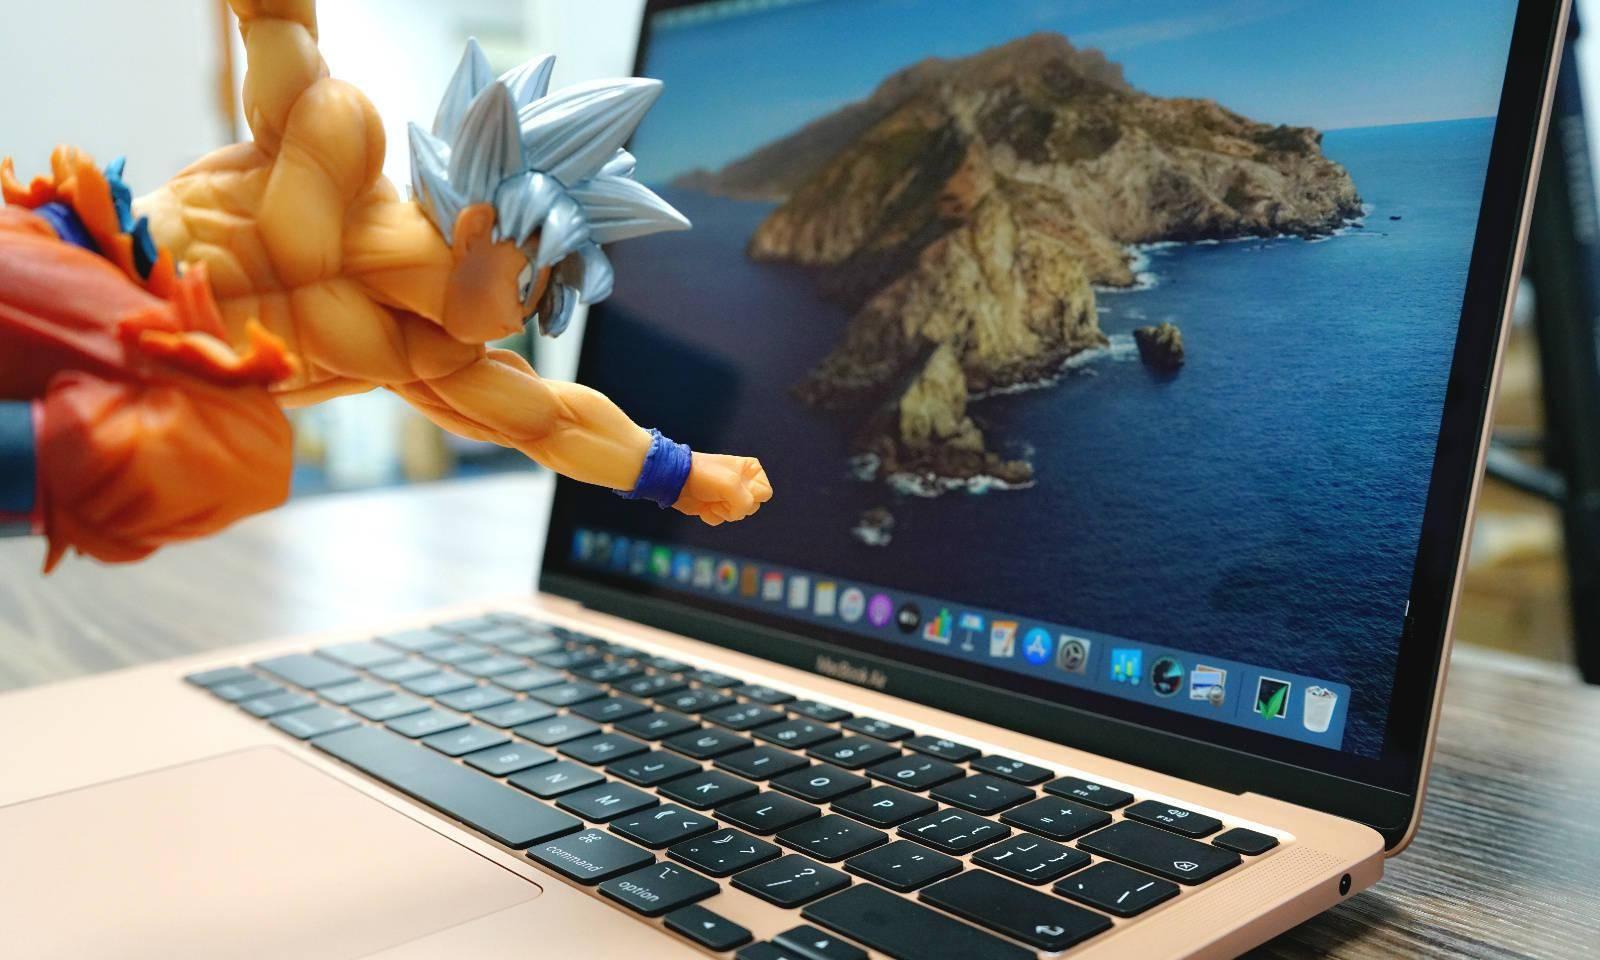 终于去掉大黑边了?苹果多款Mac产品曝光:屏占比大幅提升